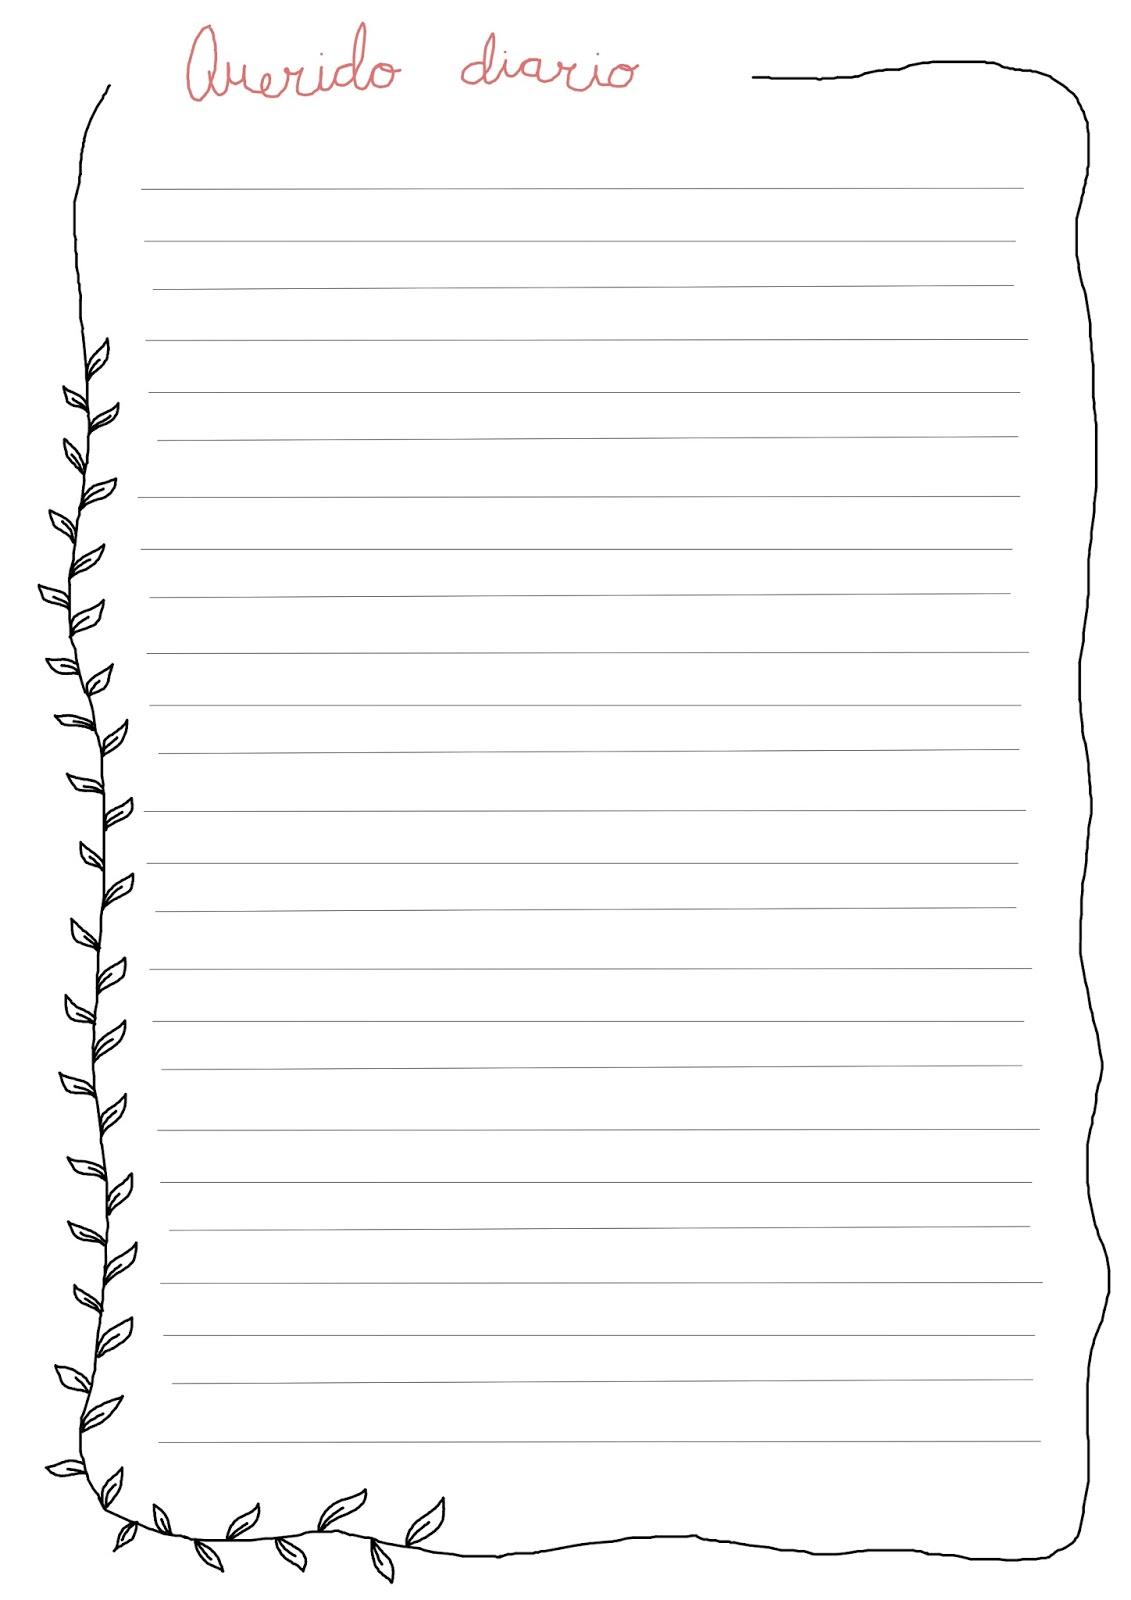 Fantástico Escribiendo La Plantilla Del Diario Ilustración - Ejemplo ...